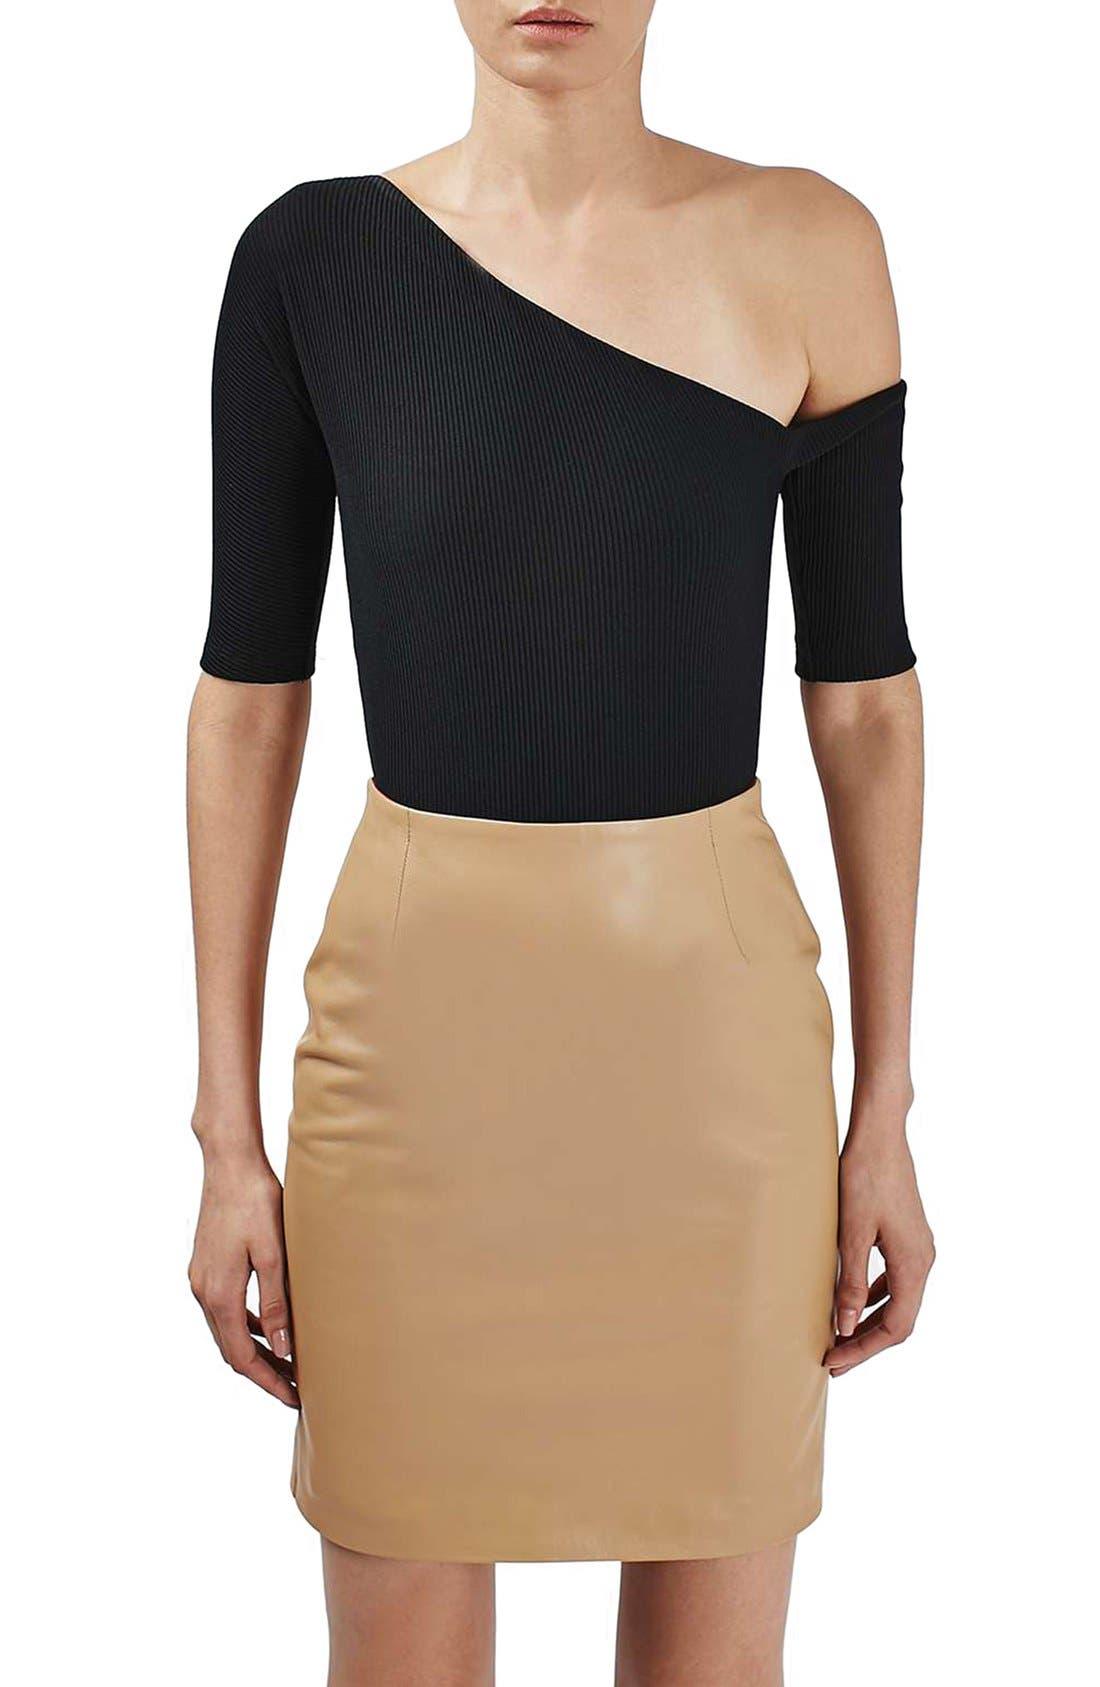 Main Image - Topshop Boutique Asymmetrical Bodysuit